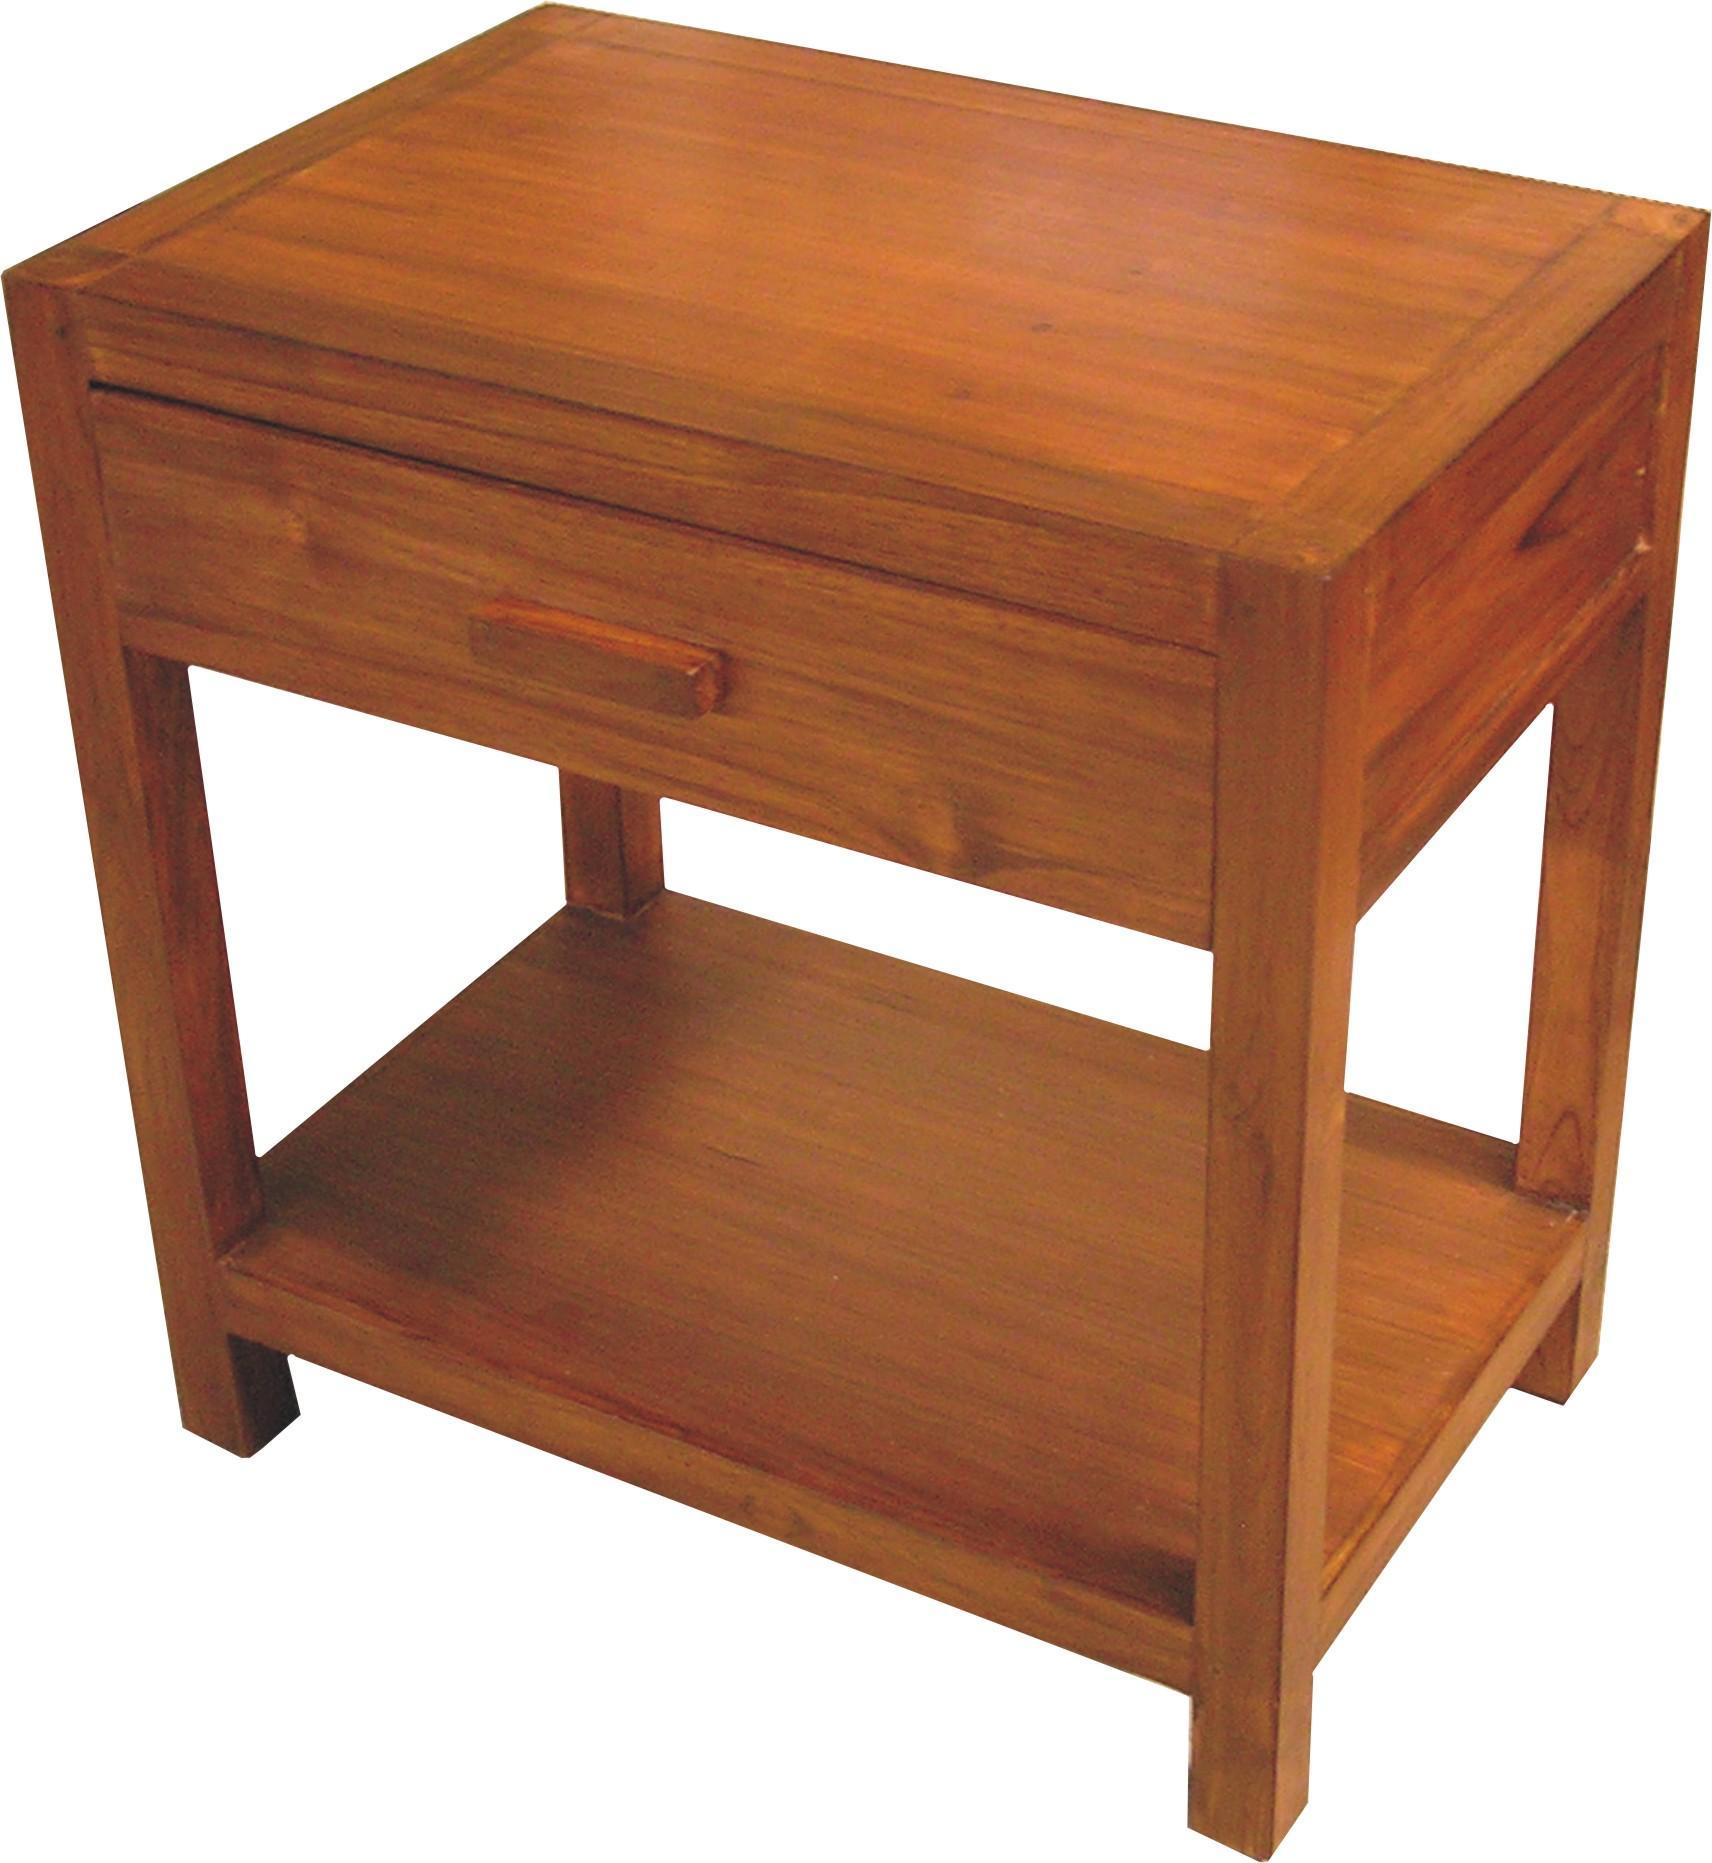 tables de chevet contemporain 1 0 1 0 containers 20 pieds par mois. Black Bedroom Furniture Sets. Home Design Ideas